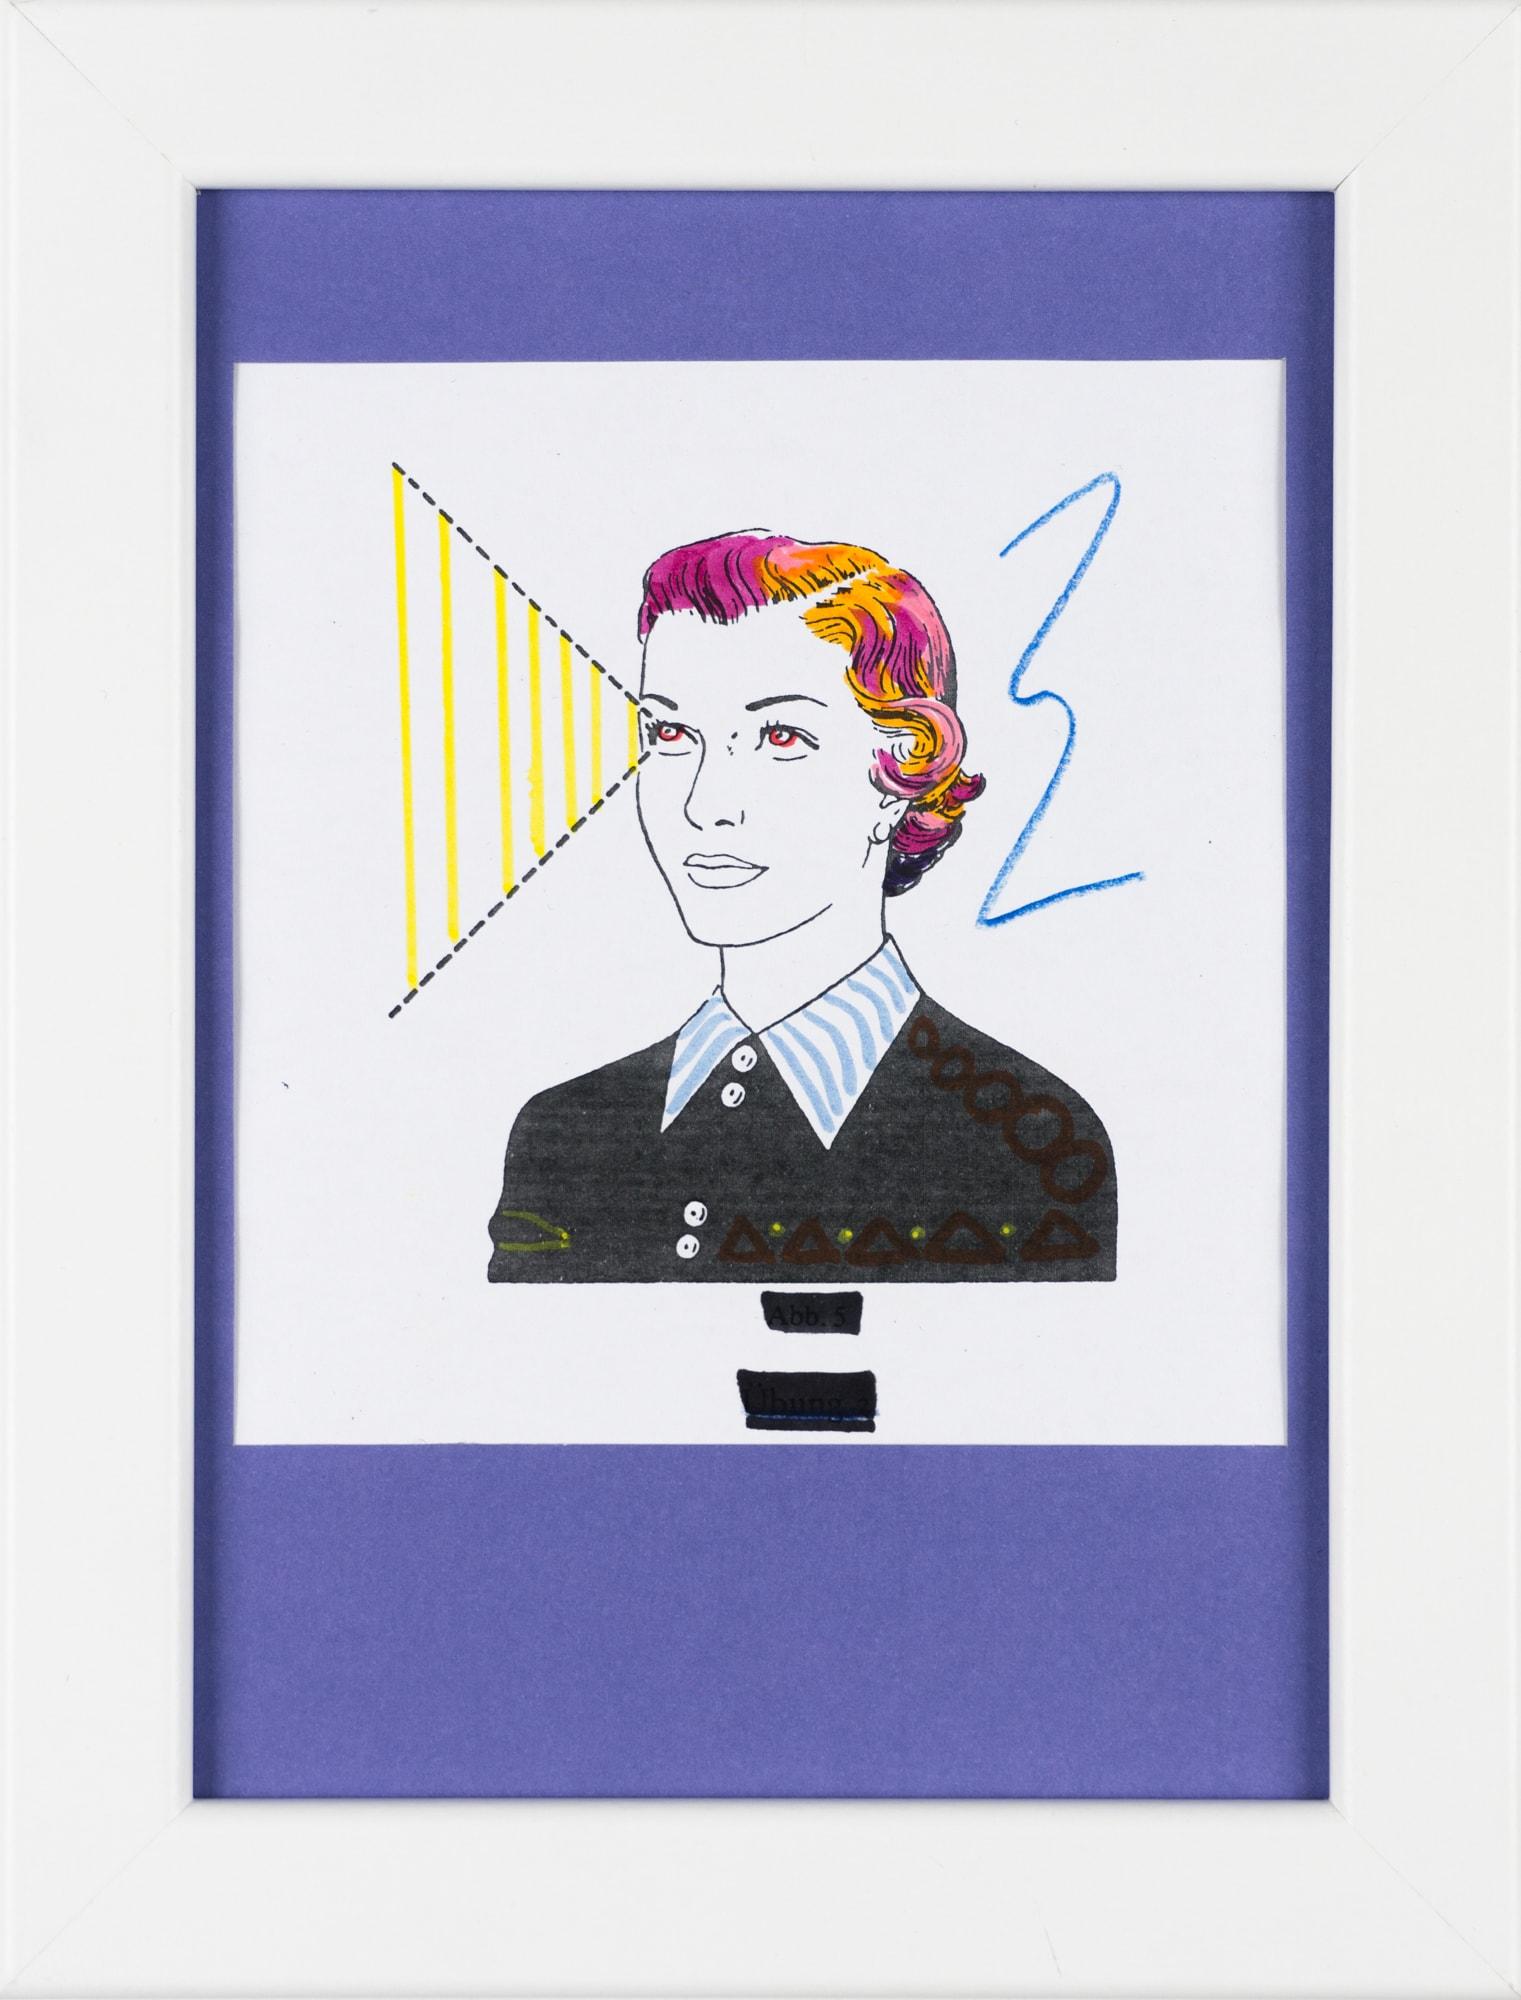 Übermalung und Mischtechnik auf Papier, 11,1x11,5cm, Originalgrafik zum gleichnamigen Booklet, Künstlerin: Franziska King